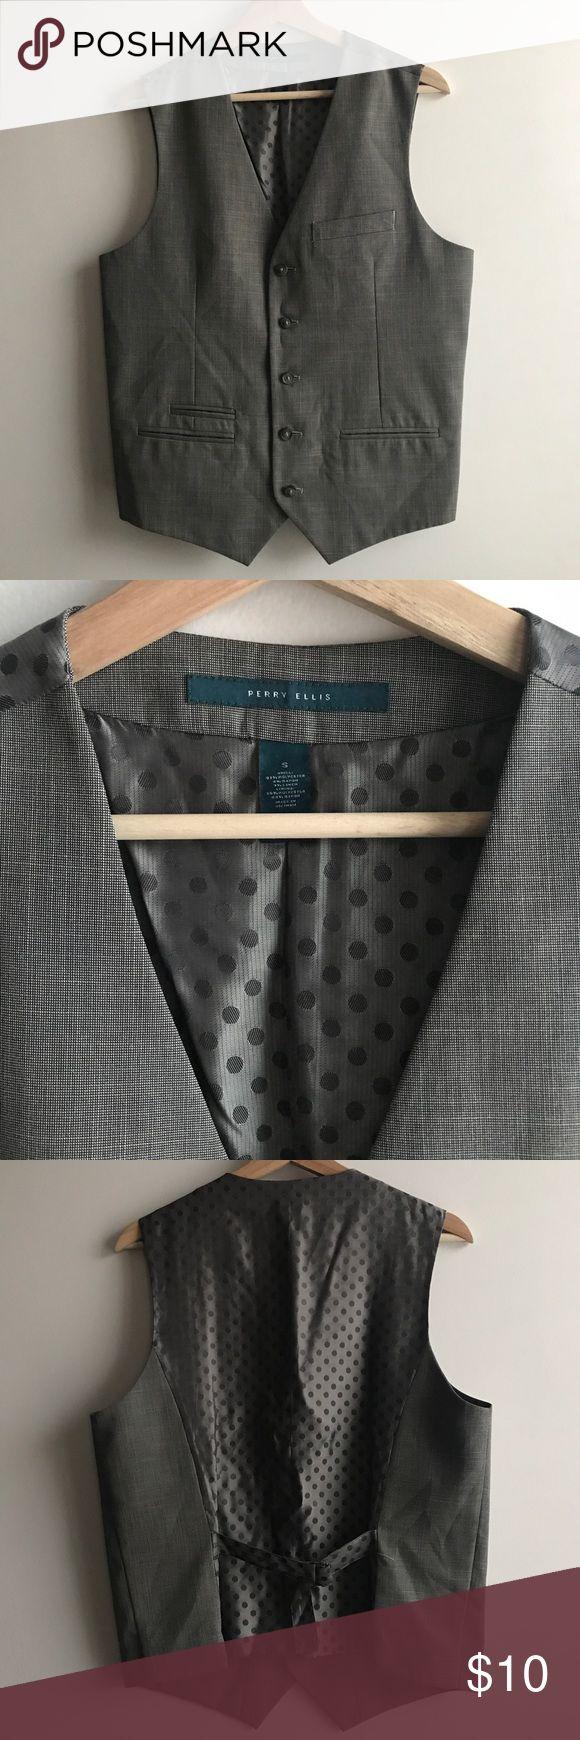 Men's Grey Suit Vest Perry Elise men's grey suit vest. Size small. 5 button. Smoke free home. Perry Ellis Jackets & Coats Vests